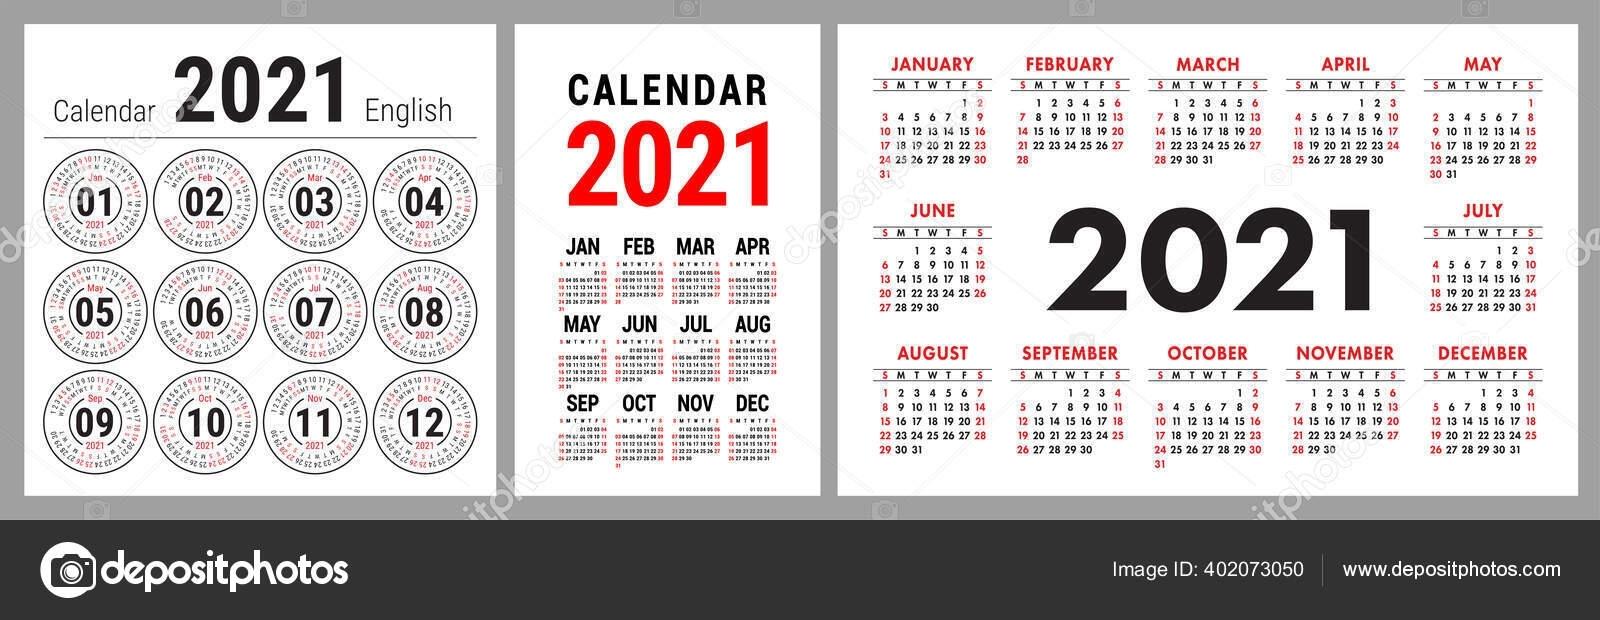 Catch Juli - Dezember Kalender 2021 Deutsch